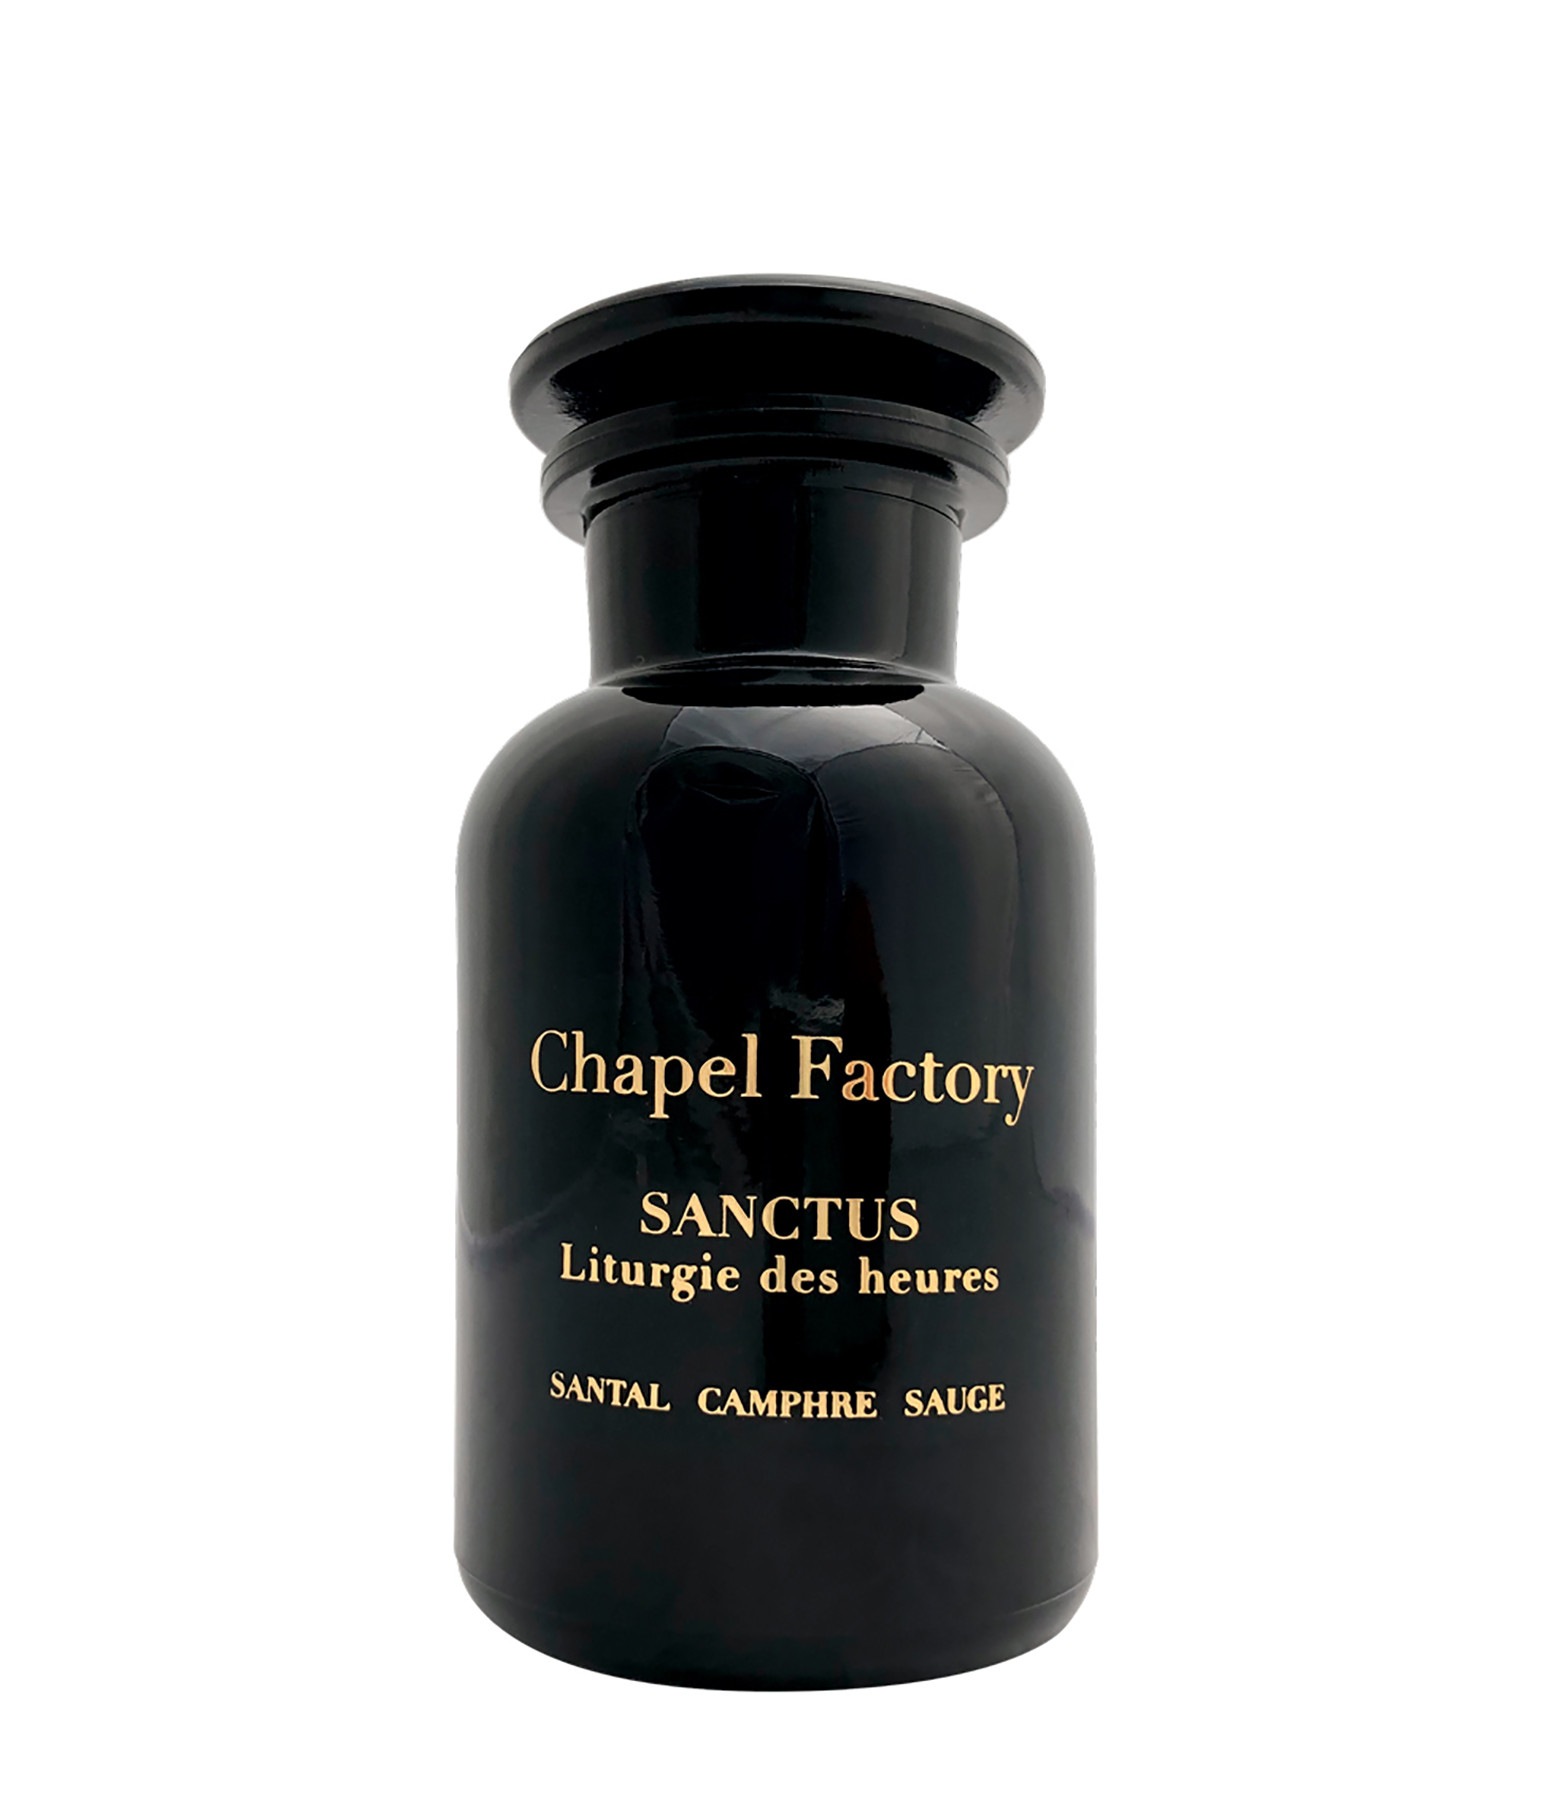 CHAPEL FACTORY - Diffuseur Sanctus 250 ml